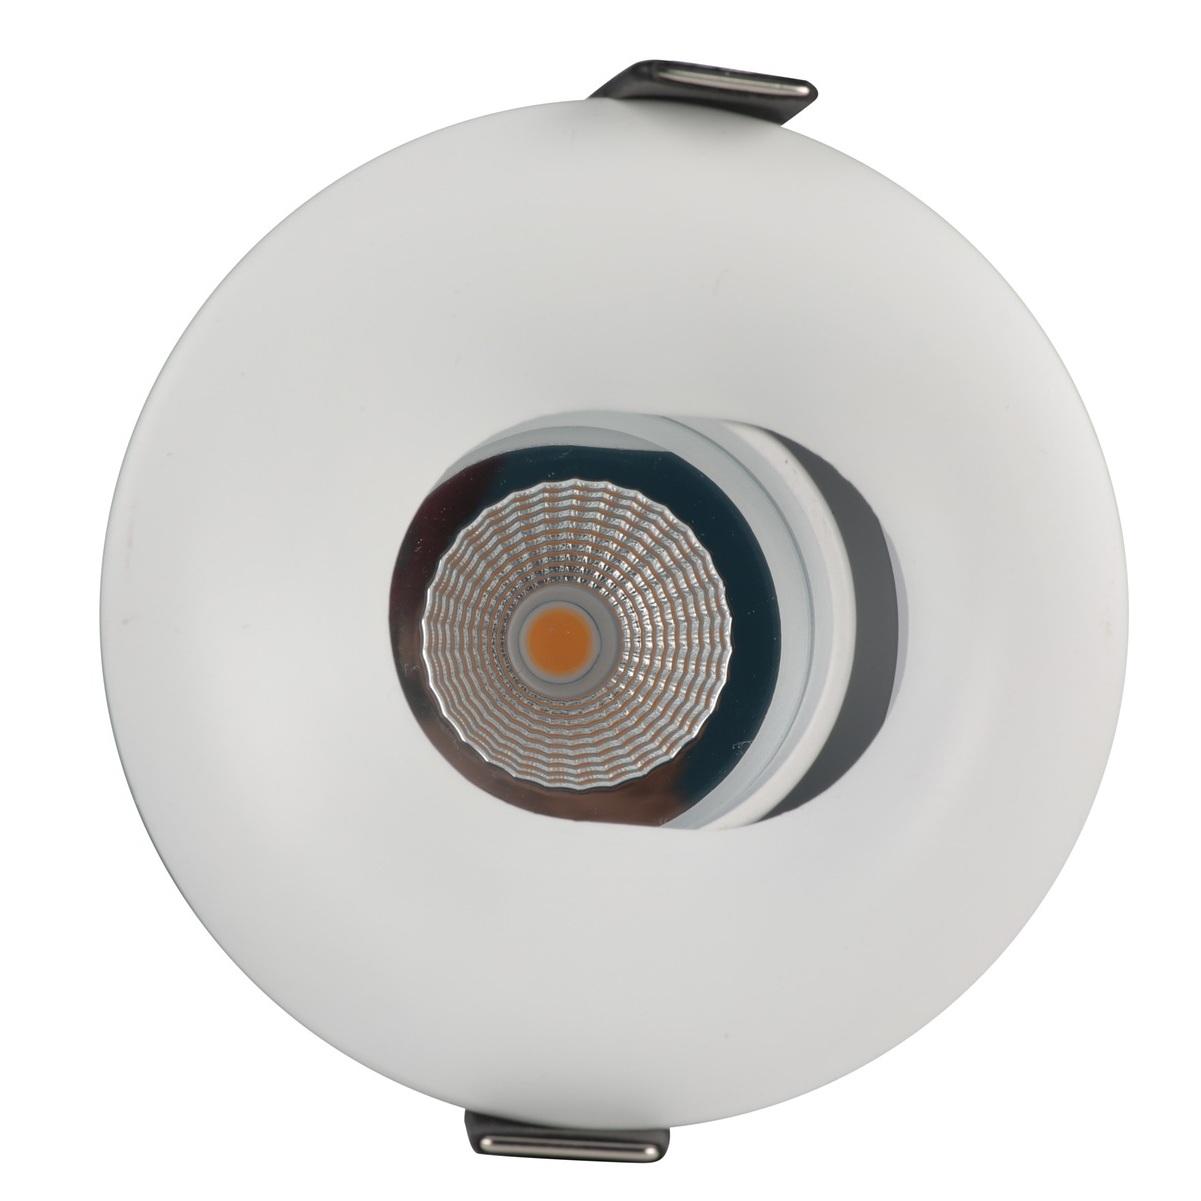 LED-office-can-light.jpg